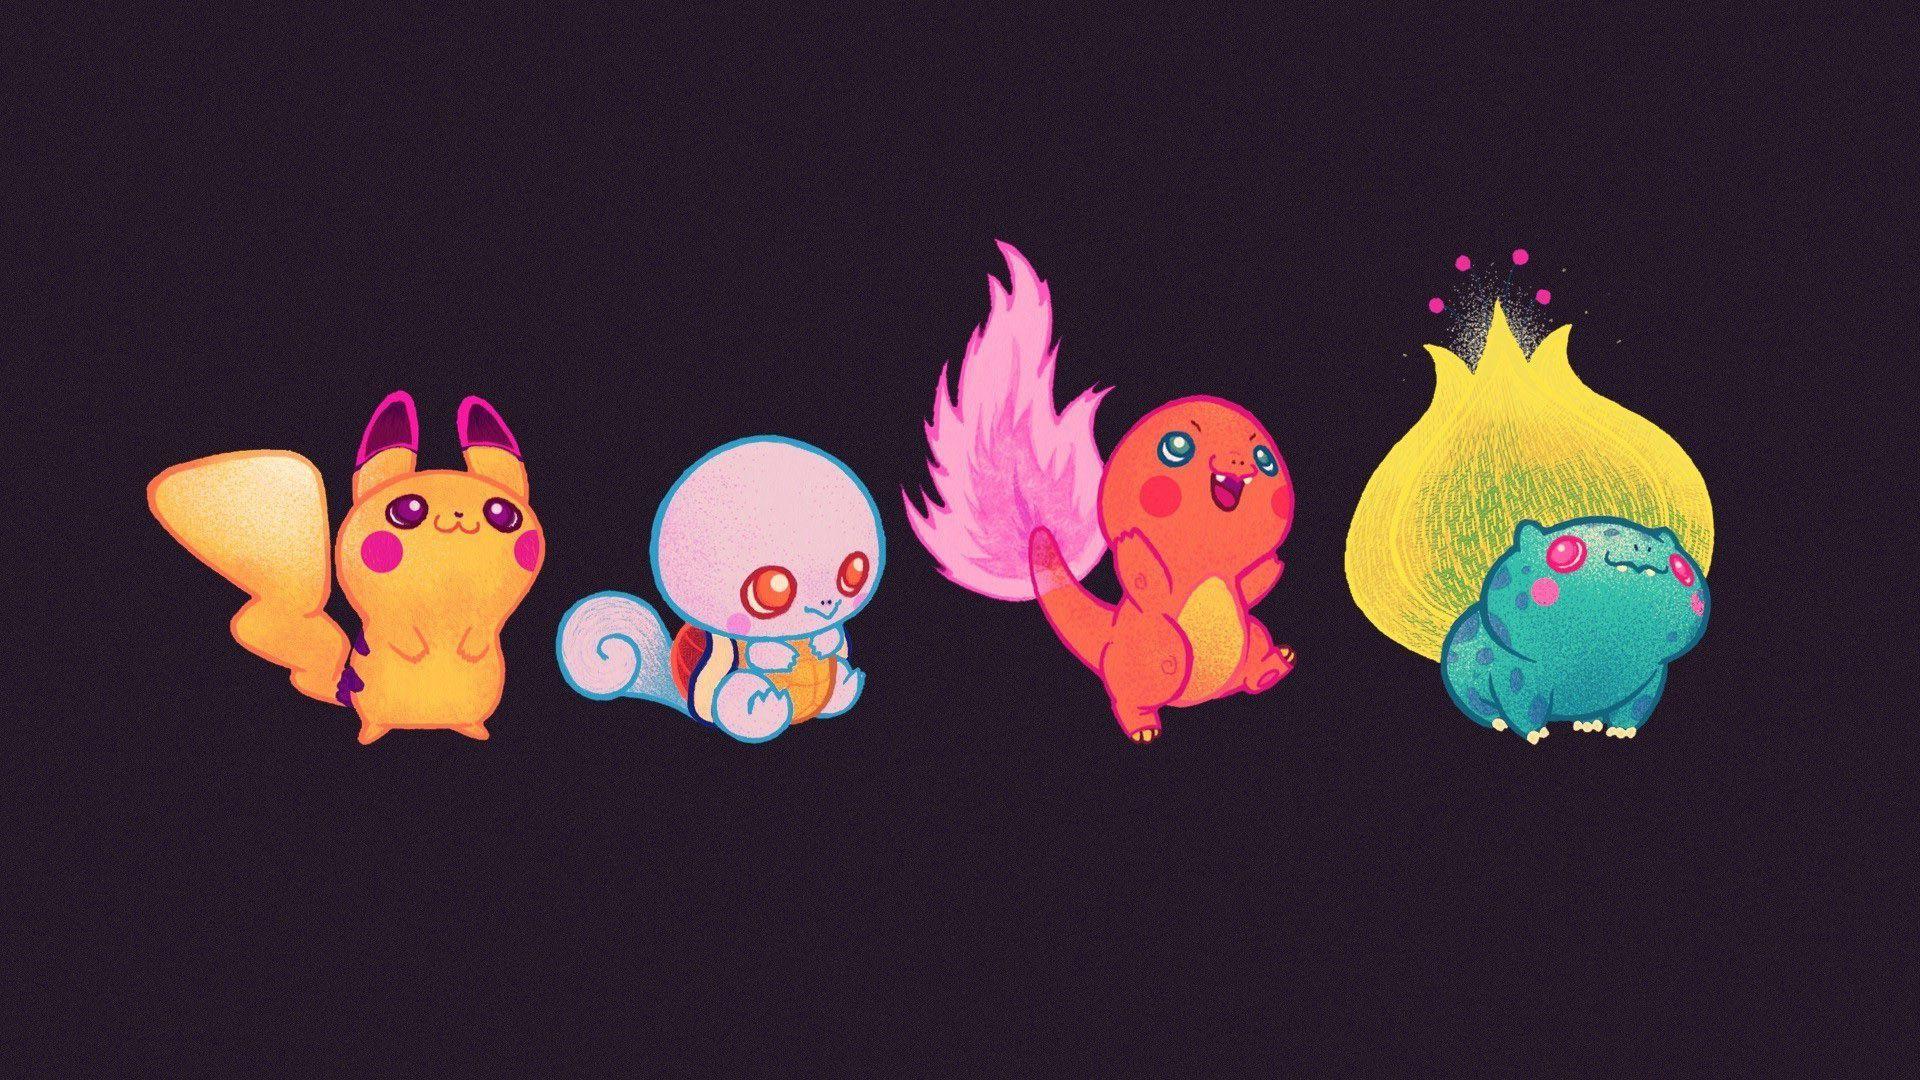 Cute baby Pokemon wallpaper Cute pokemon wallpaper